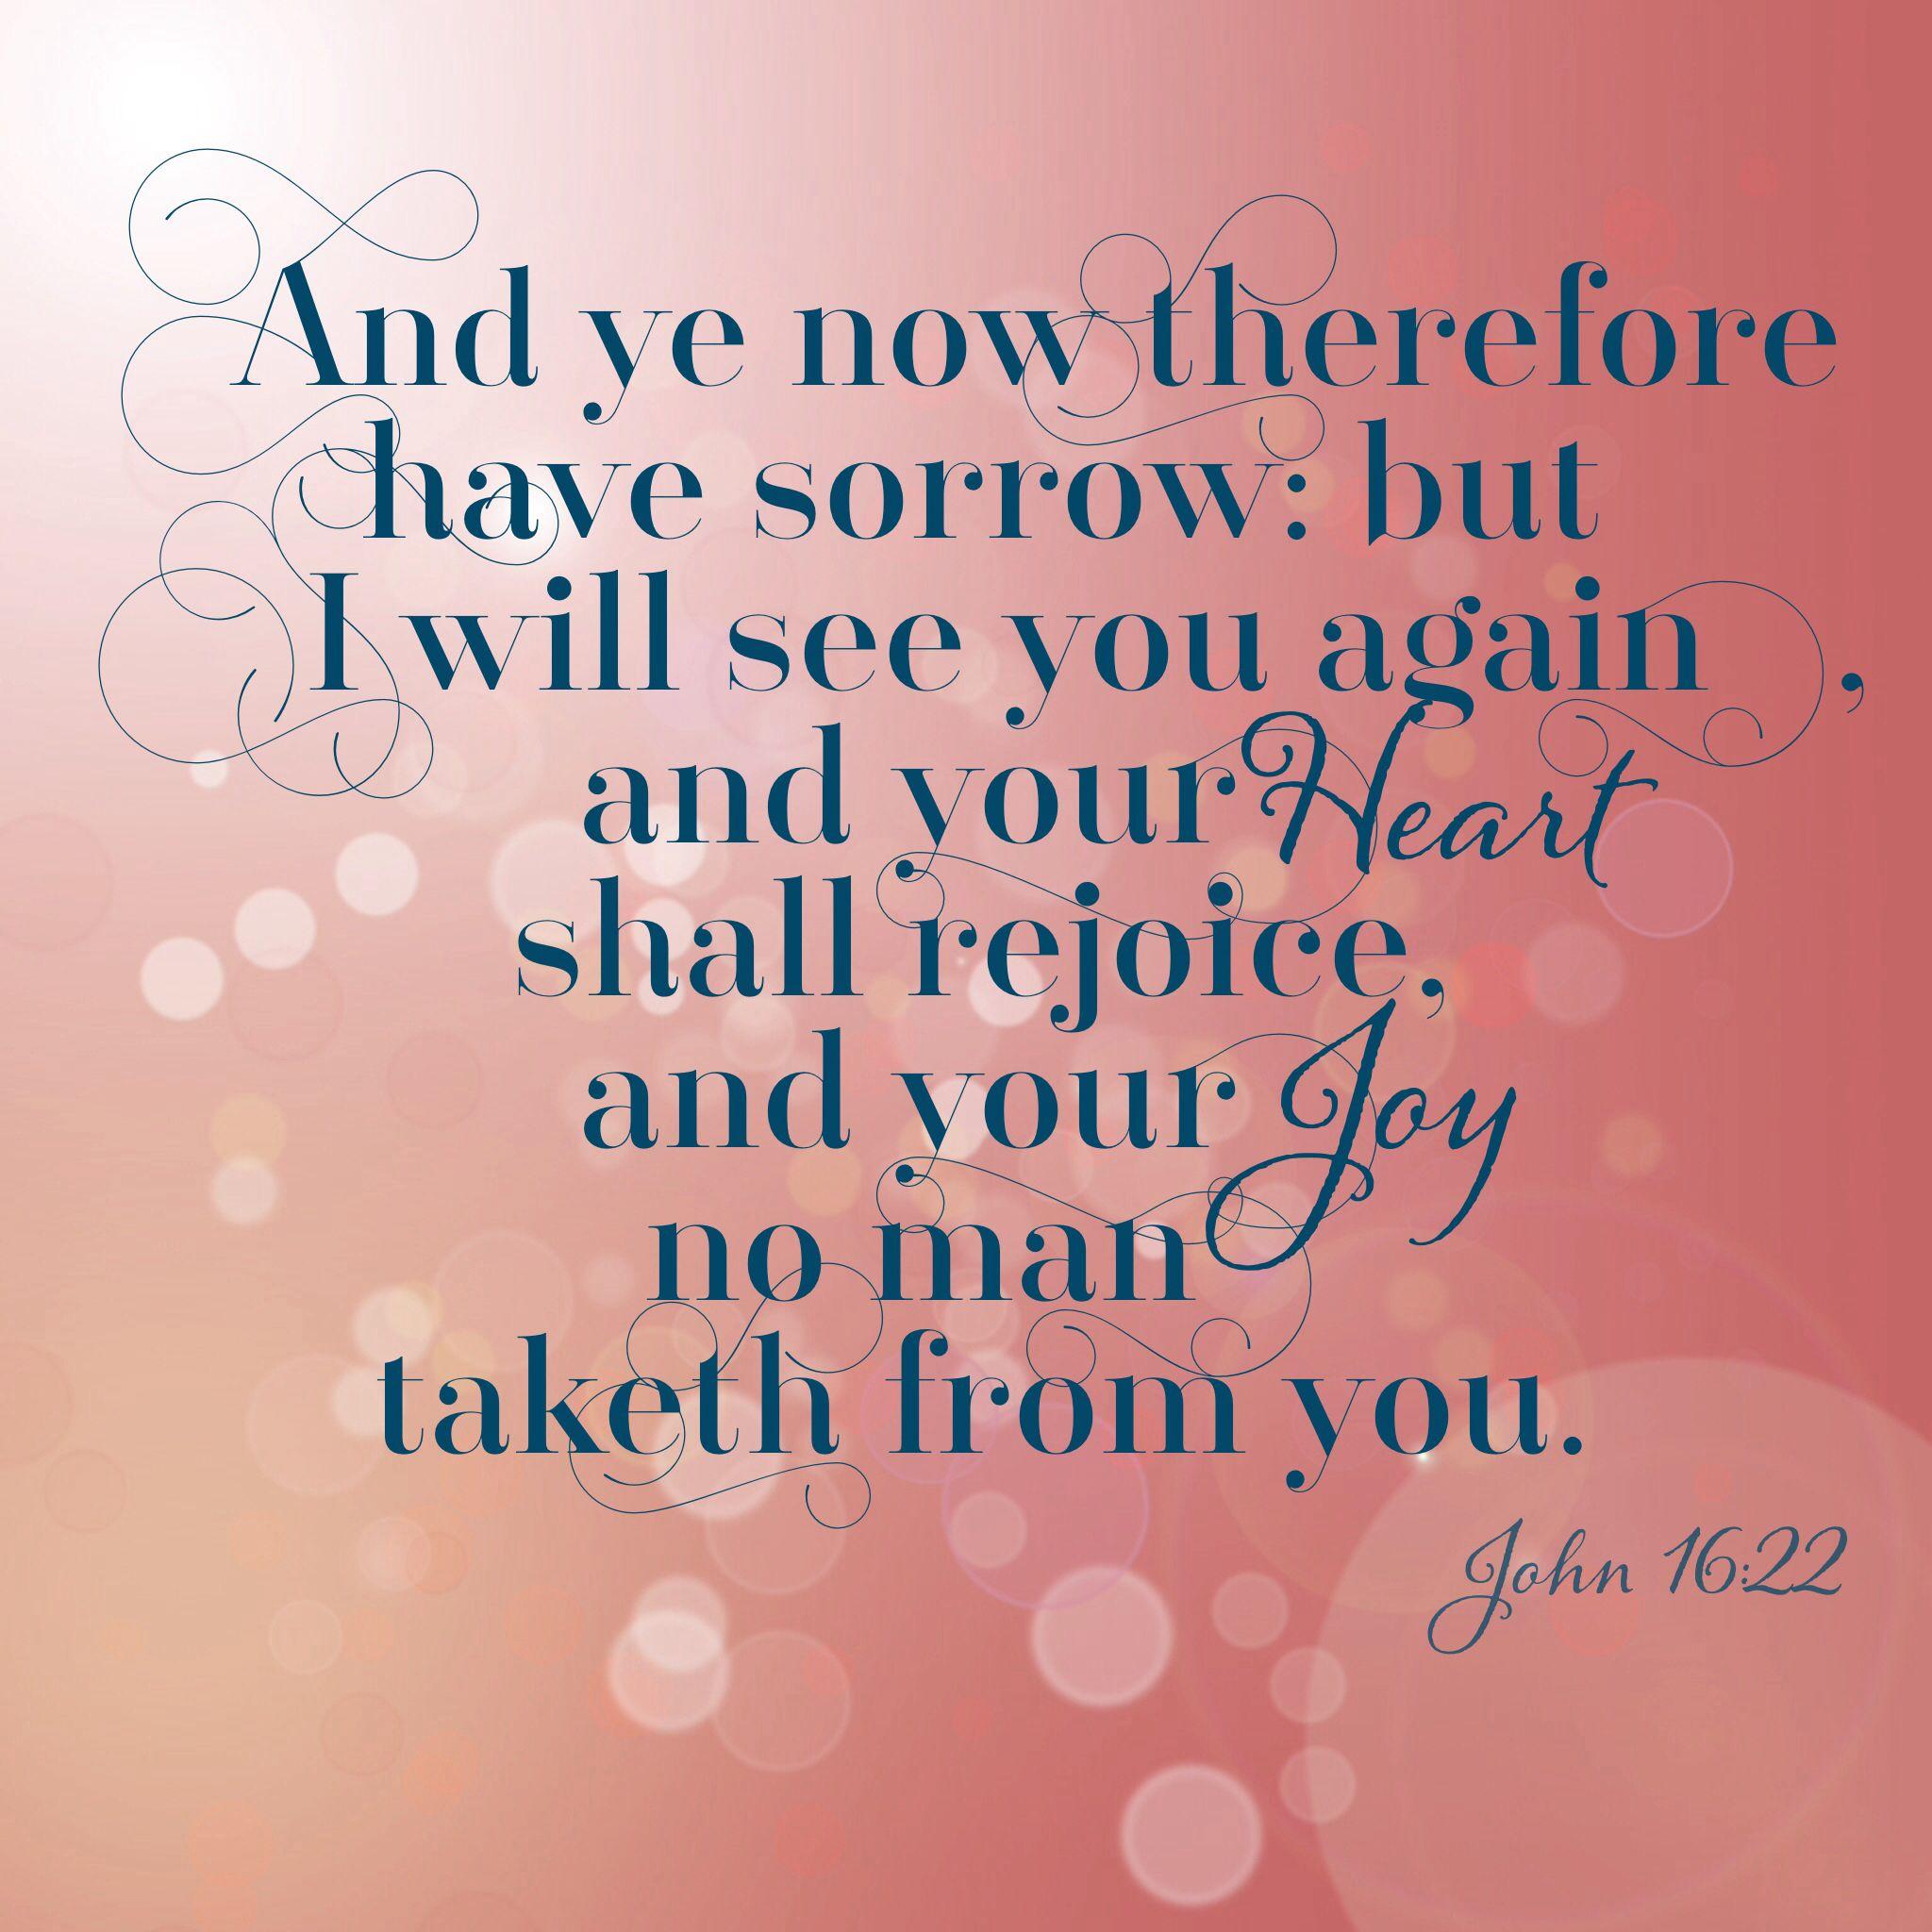 John grief loss heaven scripture fort Jesus